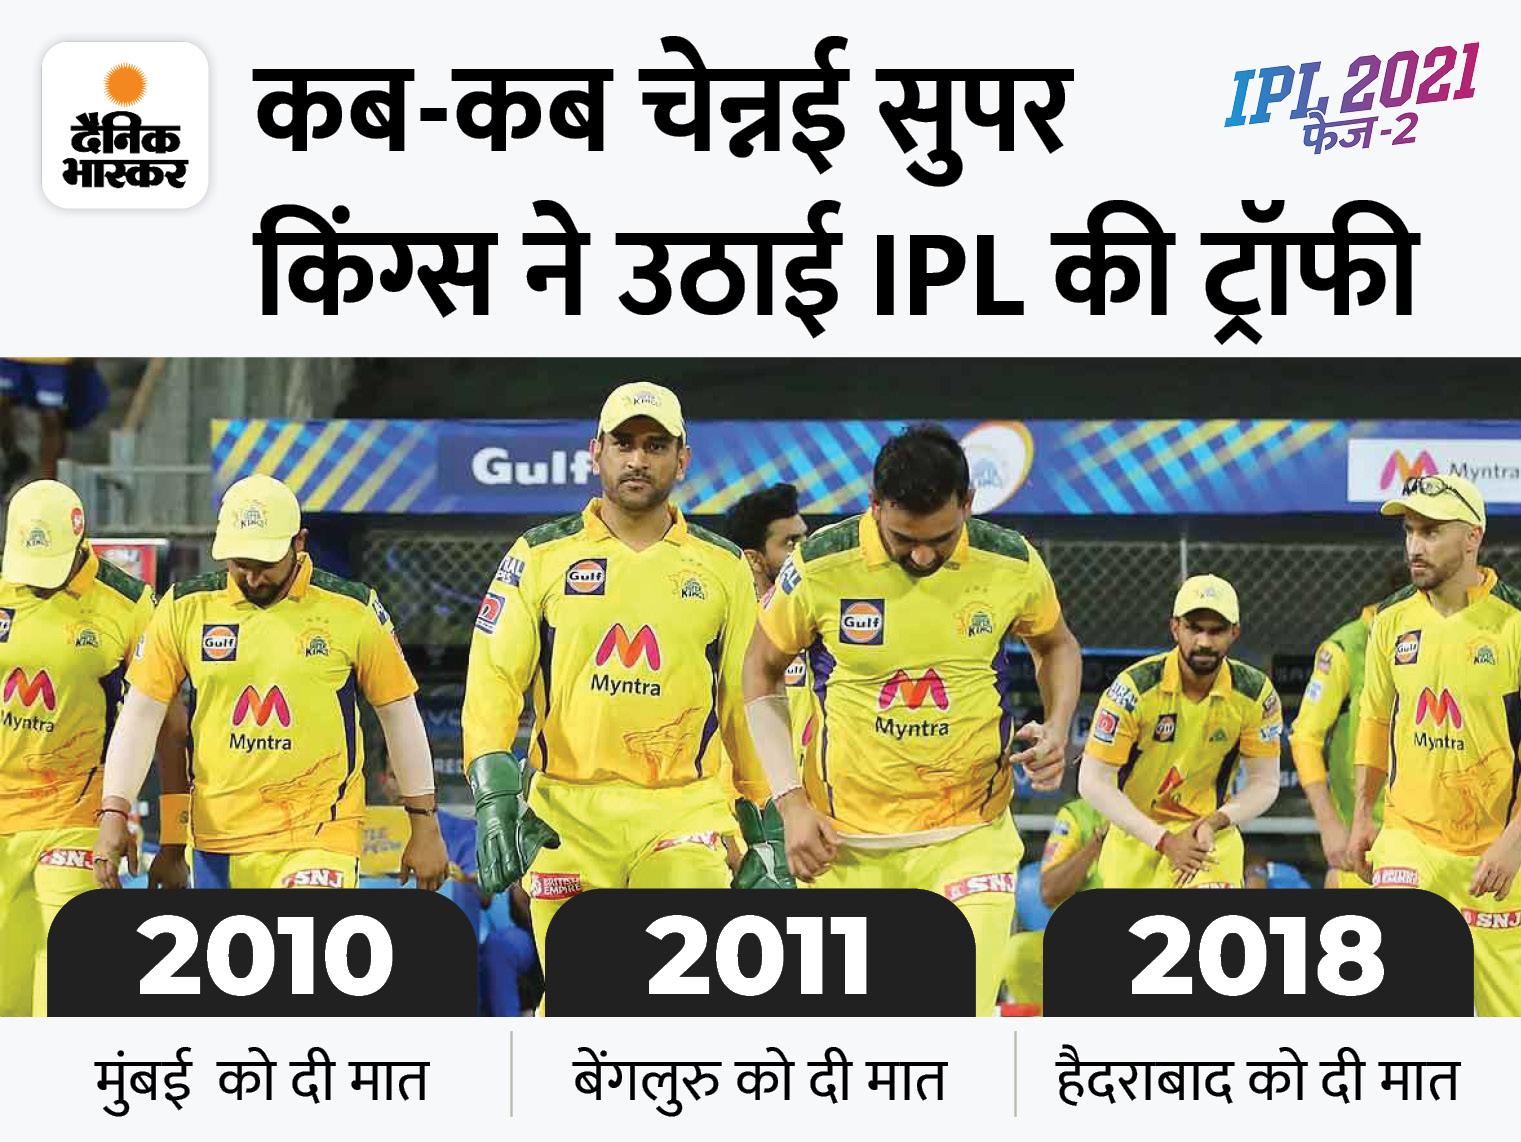 पॉइंट्स टेबल में नंबर-2 पर रहने वाली टीम 6 बार जीत चुकी है IPL का खिताब, नंबर एक की टीम 4 बार बनी विजेता|IPL 2021,IPL 2021 - Dainik Bhaskar